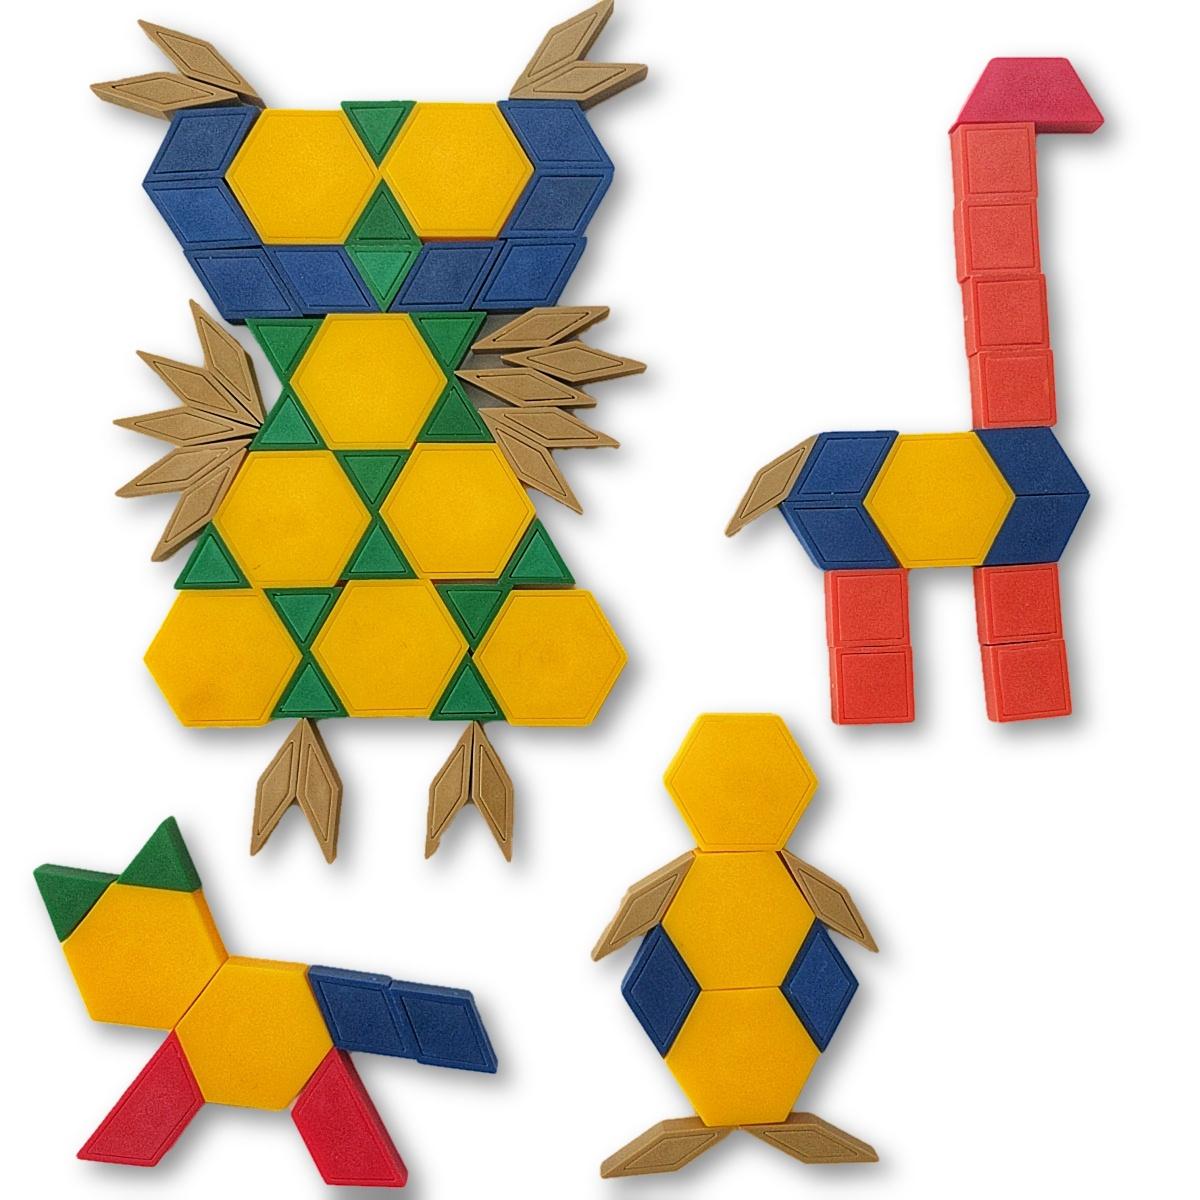 hight resolution of Kindergarten Geometry